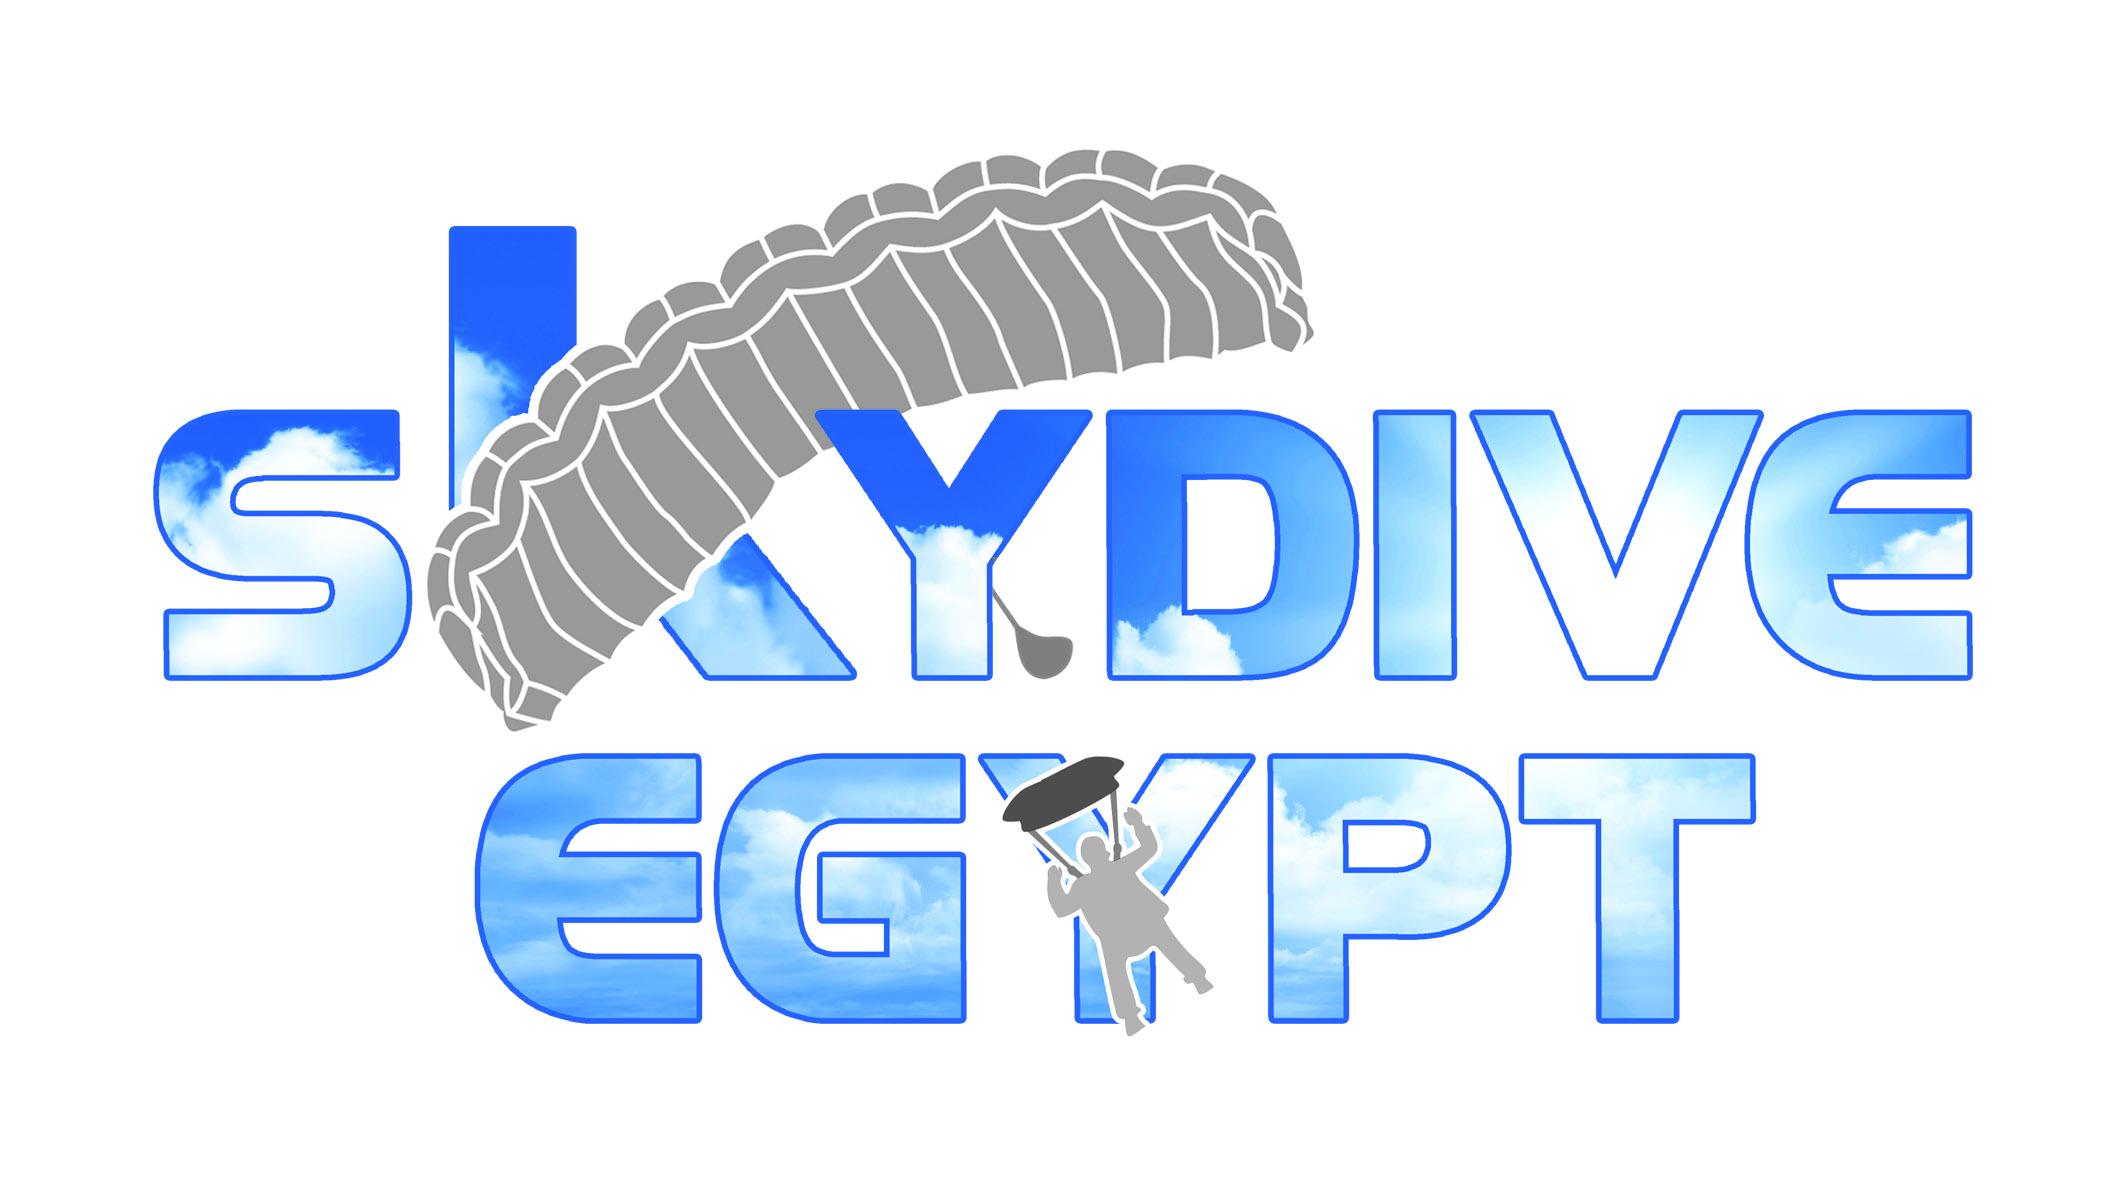 https://secureservercdn.net/198.71.233.44/516.356.myftpupload.com/wp-content/uploads/2019/12/Skydive-Egypt-Logo.jpg?time=1634984756